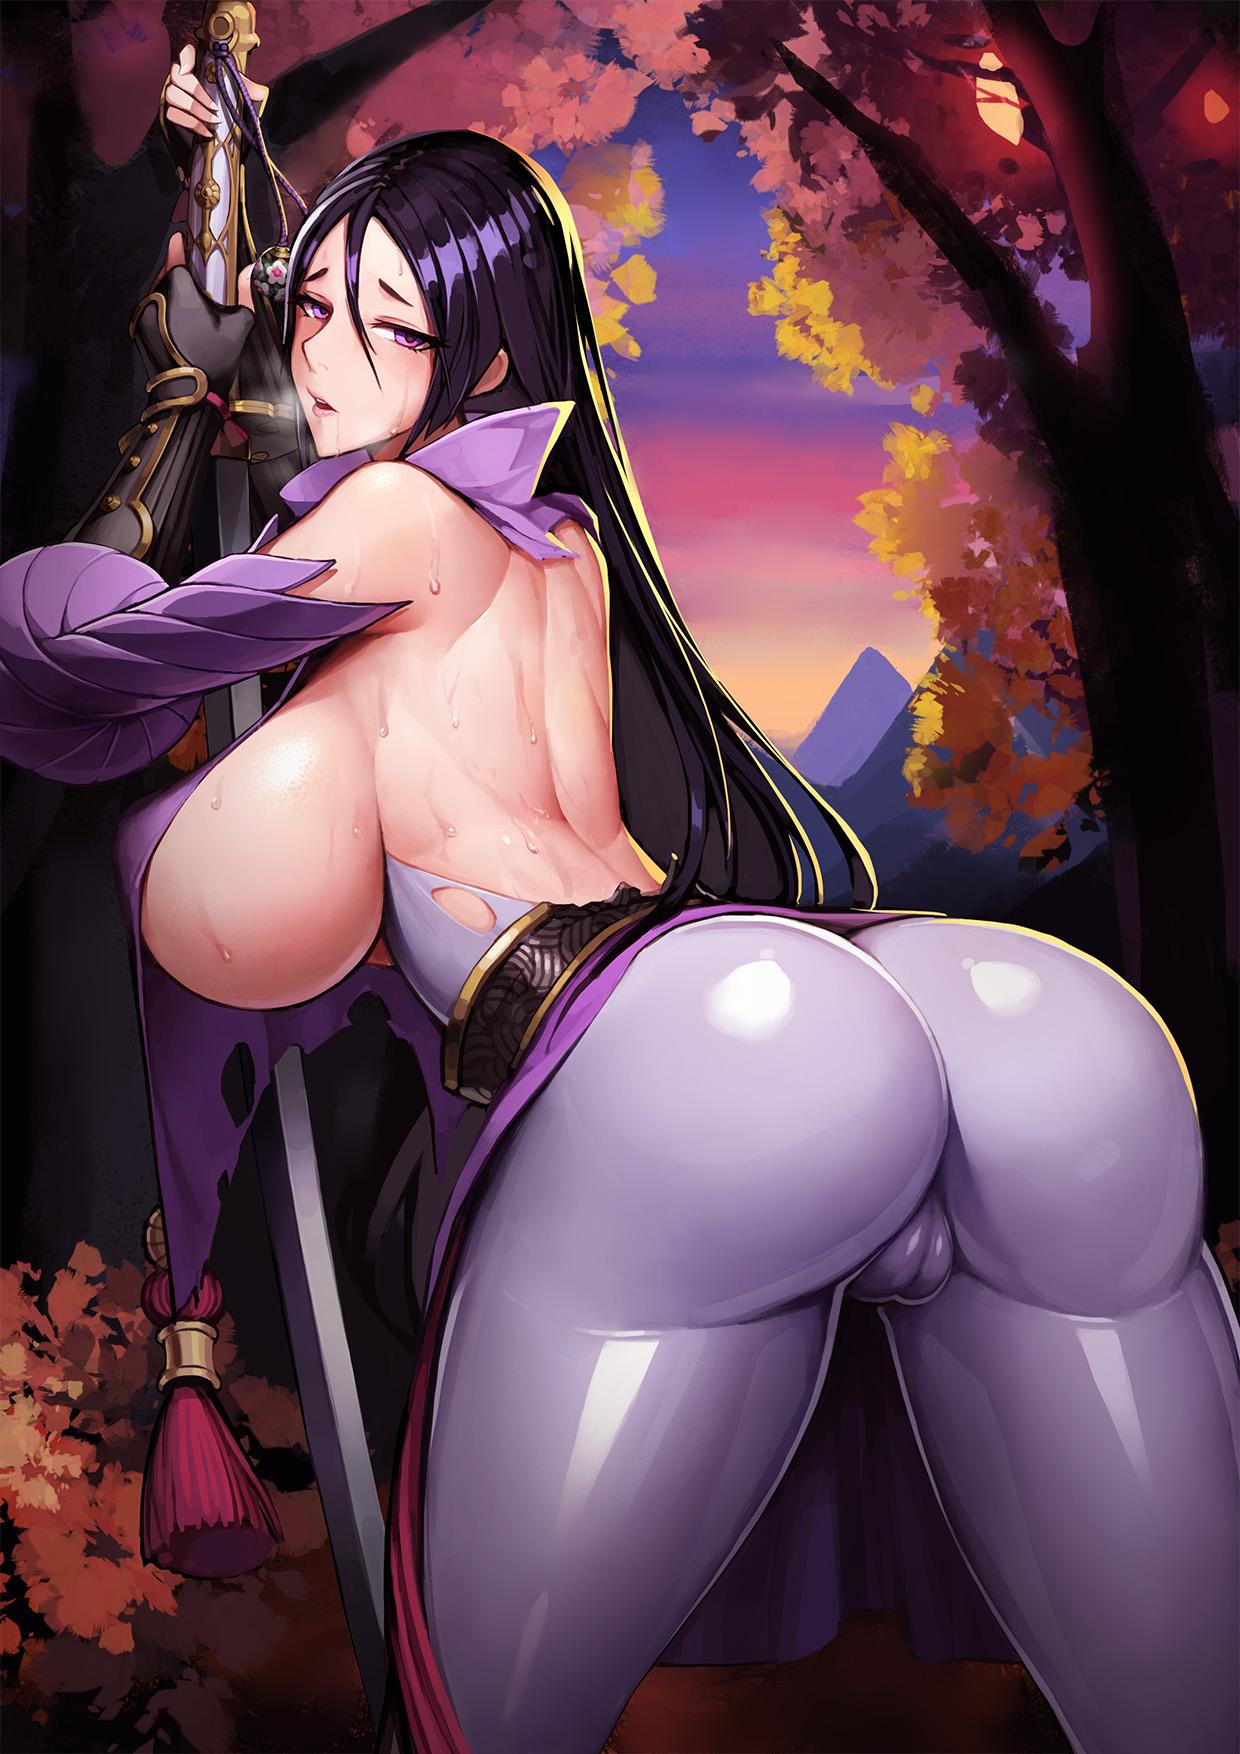 Minamoto no raikou hentai